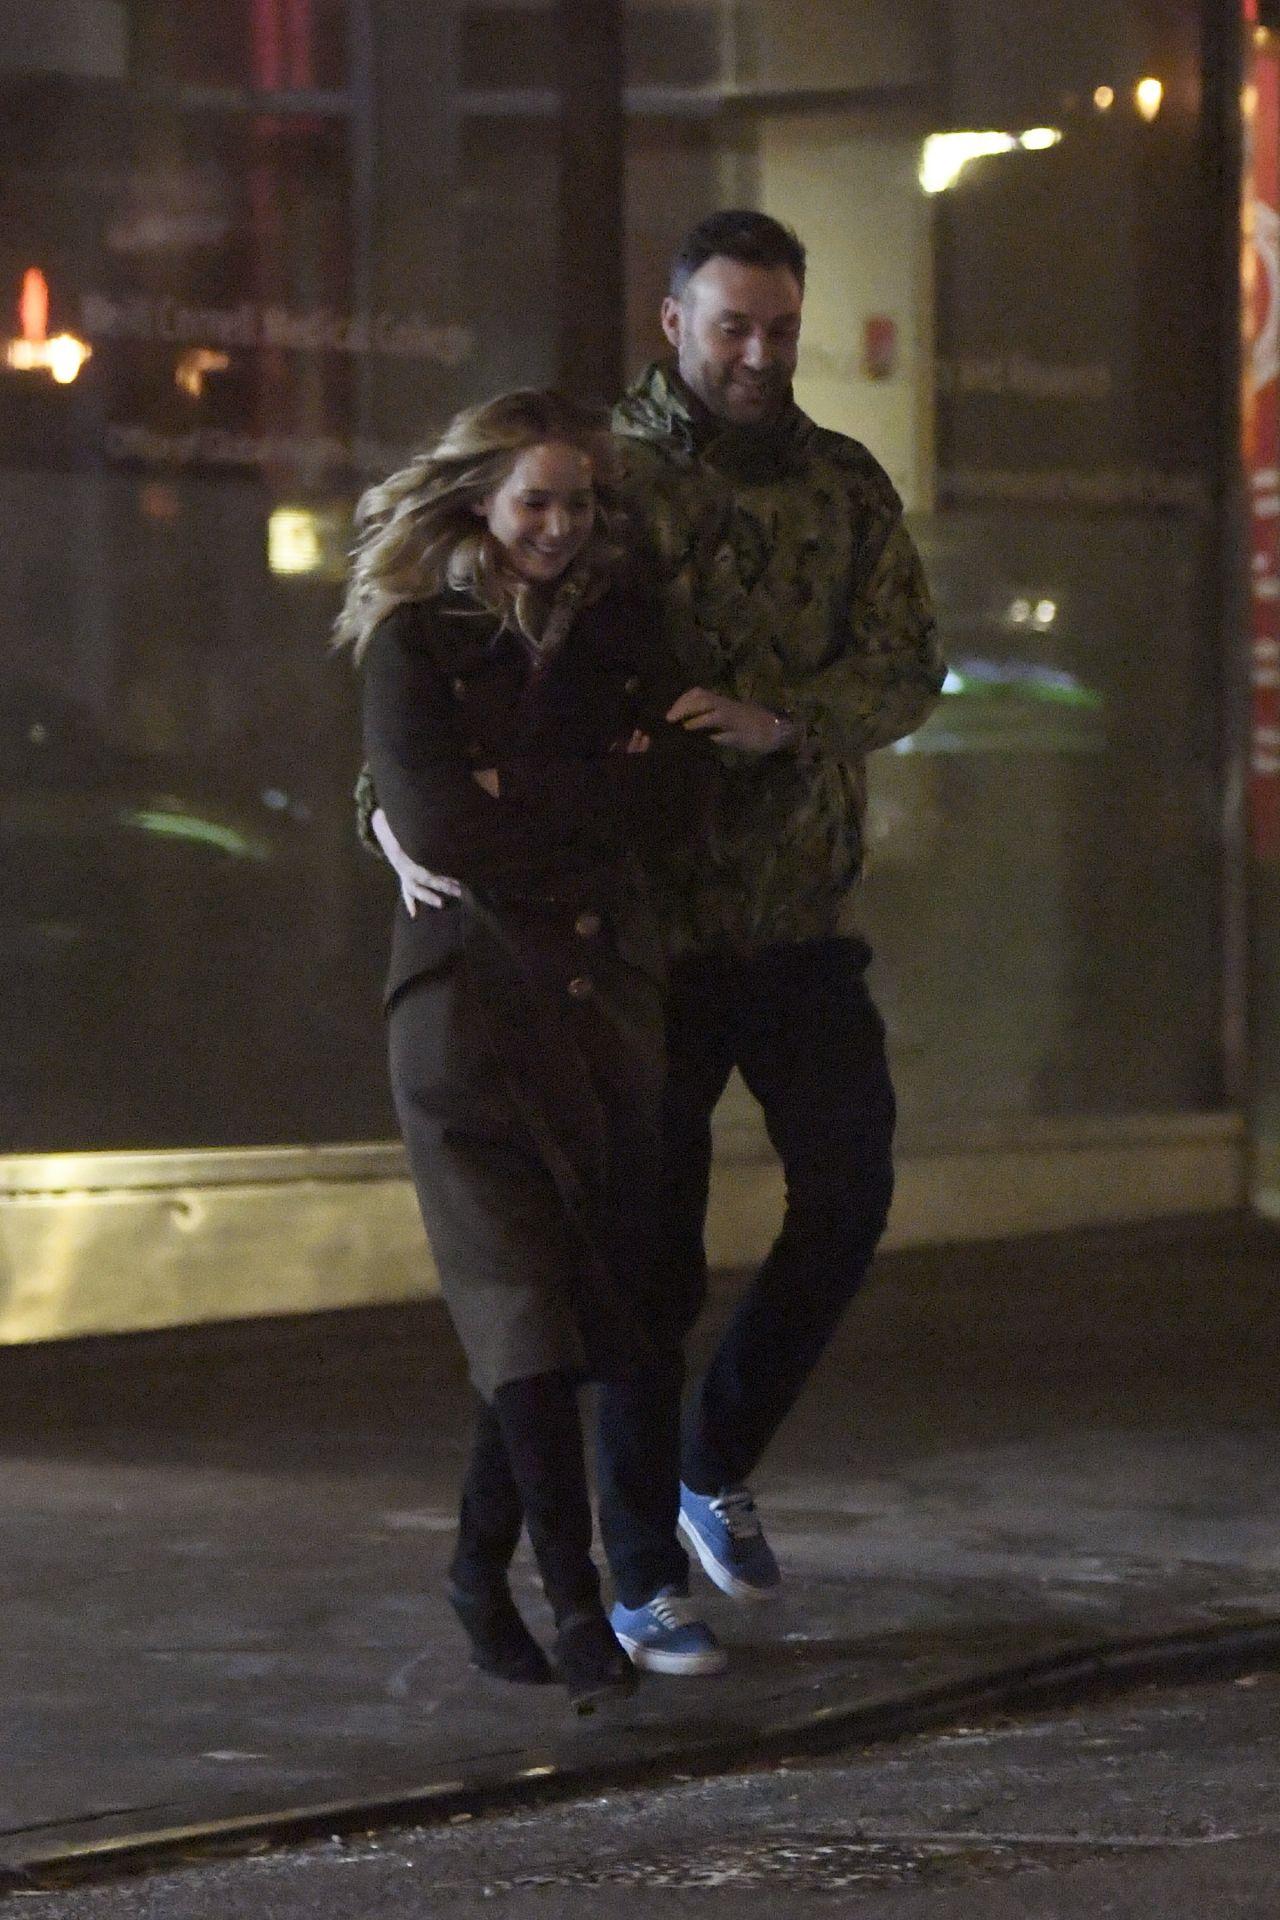 Jennifer Lawrence Night Out - NYC 02/02/2019 | 1280 x 1920 jpeg 341kB